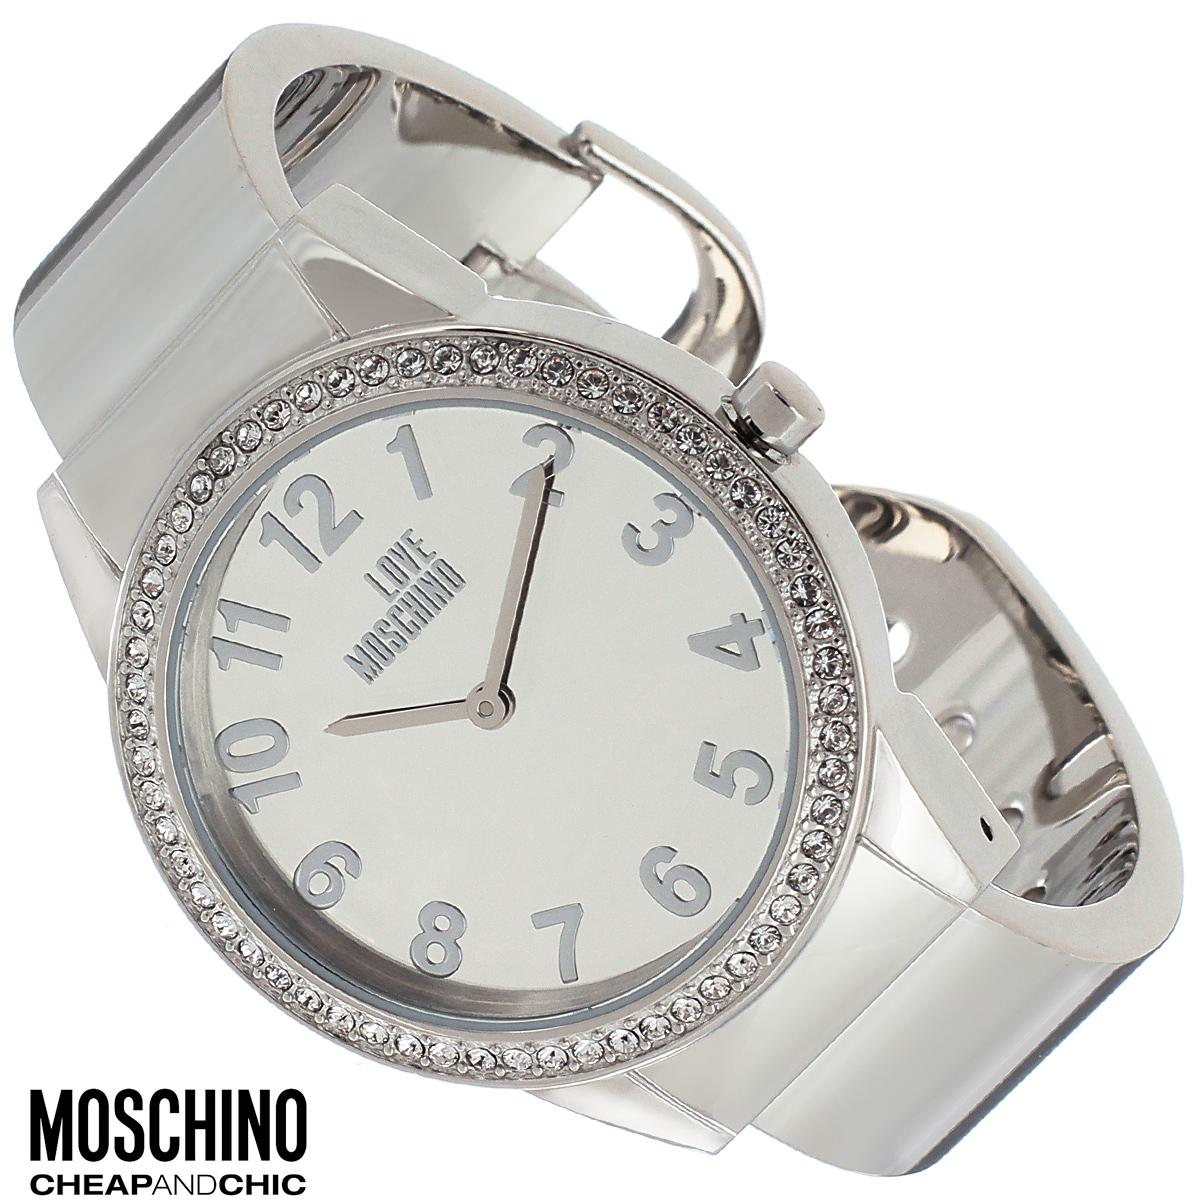 Часы женские наручные Moschino, цвет: серебристый. MW0440BM8434-58AEНаручные часы от известного итальянского бренда Moschino - это не только стильный и функциональный аксессуар, но и современные технологи, сочетающиеся с экстравагантным дизайном и индивидуальностью. Часы Moschino оснащены кварцевым механизмом. Корпус выполнен из высококачественной нержавеющей стали и по контуру циферблата оформлен стразами. Циферблат оформлен арабскими цифрами, надписью Love Moschino и защищен минеральным стеклом. Часы имеют две стрелки - часовую и минутную. Браслет часов выполнен из нержавеющей стали и имеет разъемную конструкцию.Часы упакованы в фирменную металлическую коробку с логотипом бренда. Часы Moschino благодаря своему уникальному дизайну отличаются от часов других марок своеобразными циферблатами, функциональностью, а также набором уникальных технических свойств.Каждой модели присуща легкая экстравагантность, самобытность и, безусловно, великолепный вкус. Характеристики: Диаметр циферблата: 3 см.Размер корпуса: 3,7 см х 4,4 см х 0,9 см.Длина браслета (с корпусом): 13,5 см.Ширина браслета: 1,6 см.